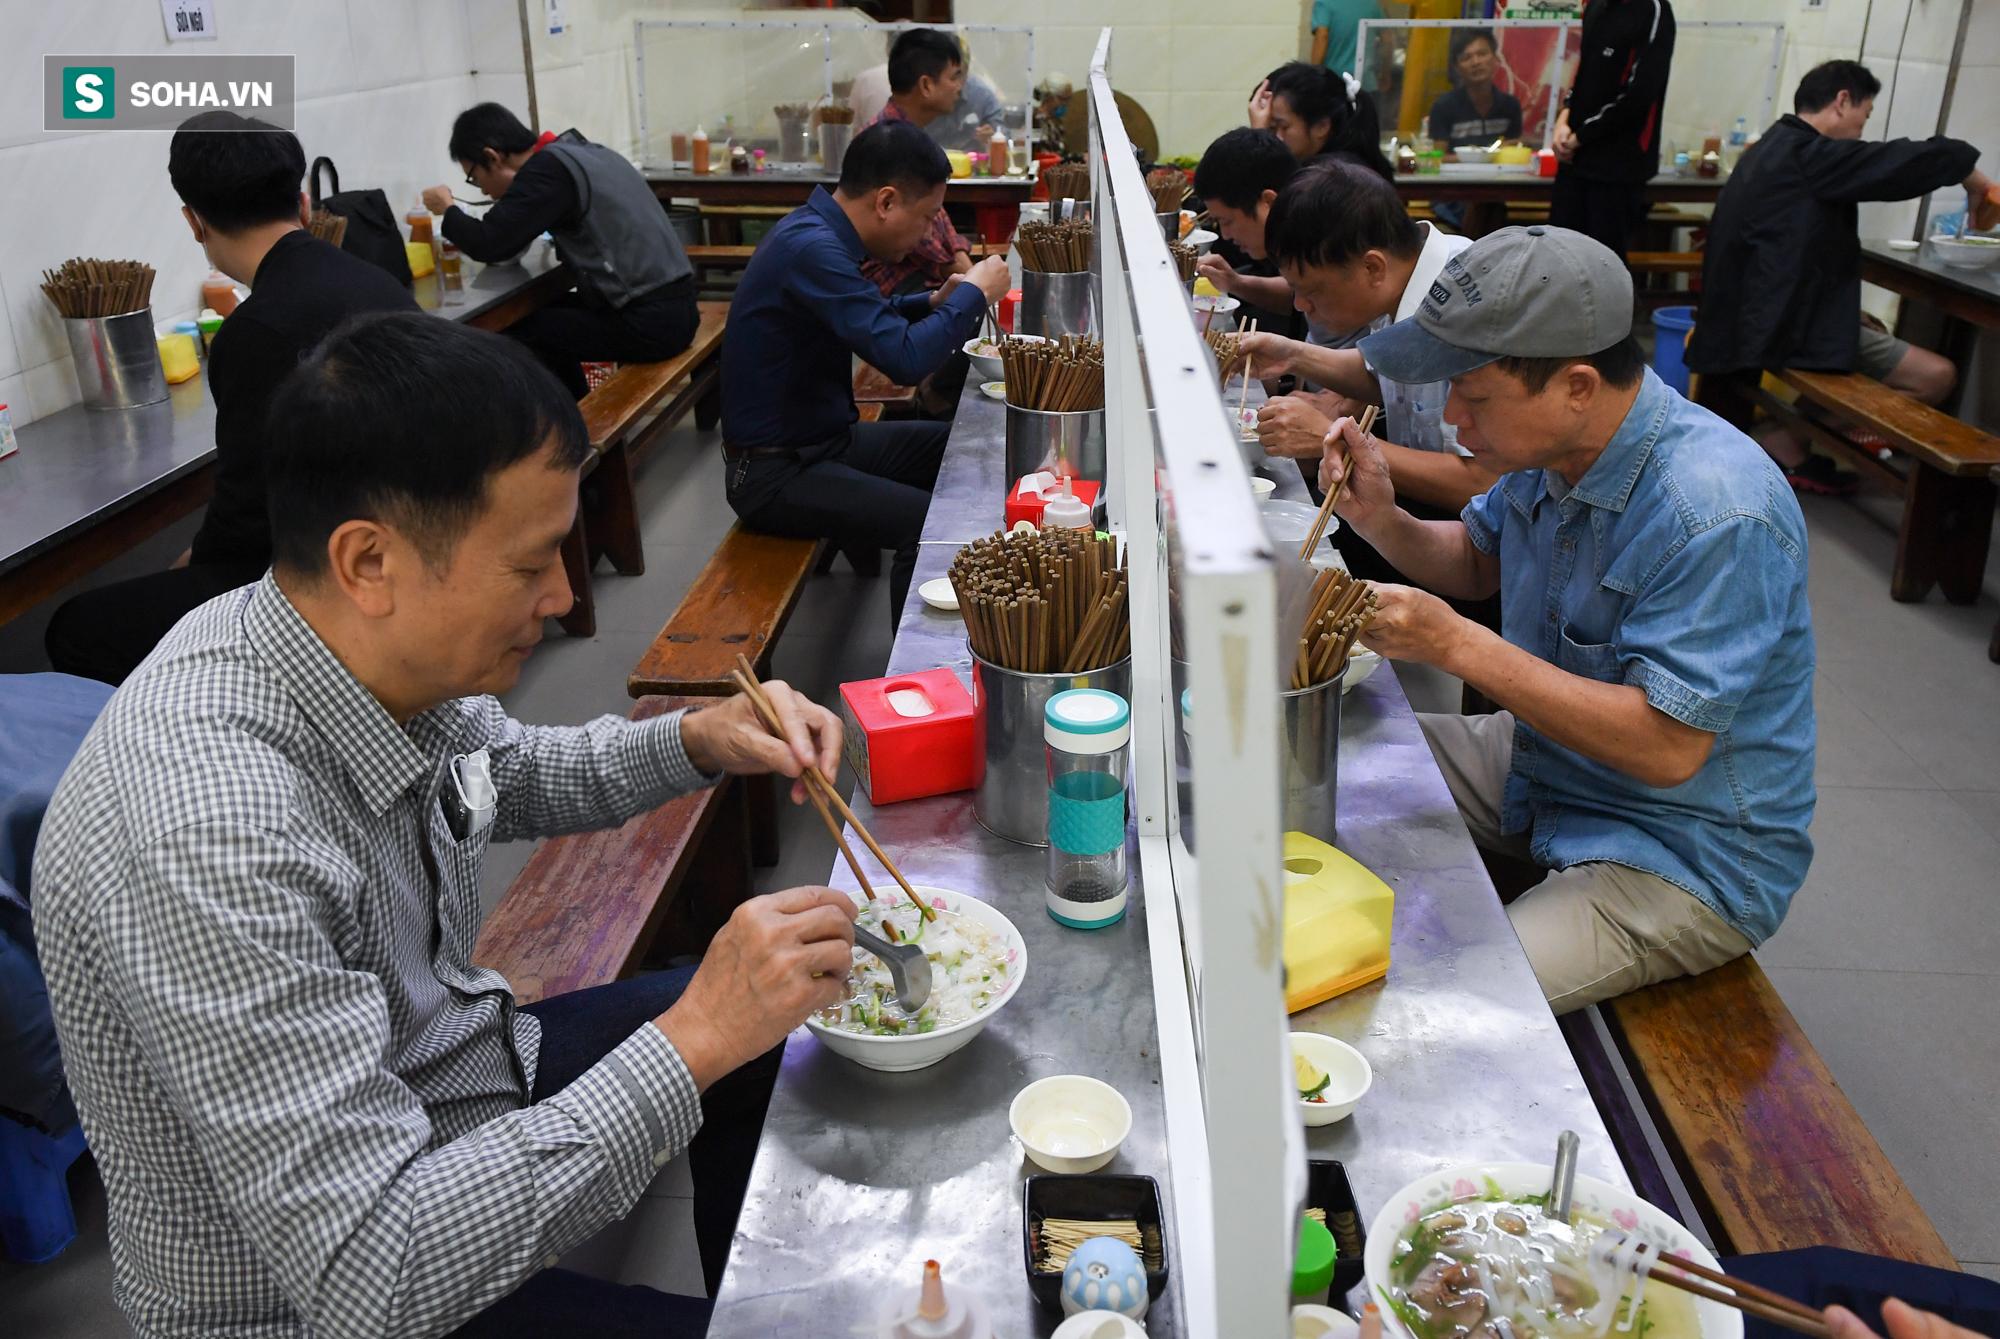 Chủ tịch hội đồng quản trị, tổng giám đốc đi từ Bắc Ninh ra Hà Nội ăn phở cho đã cơn thèm rồi lại đi về - Ảnh 5.